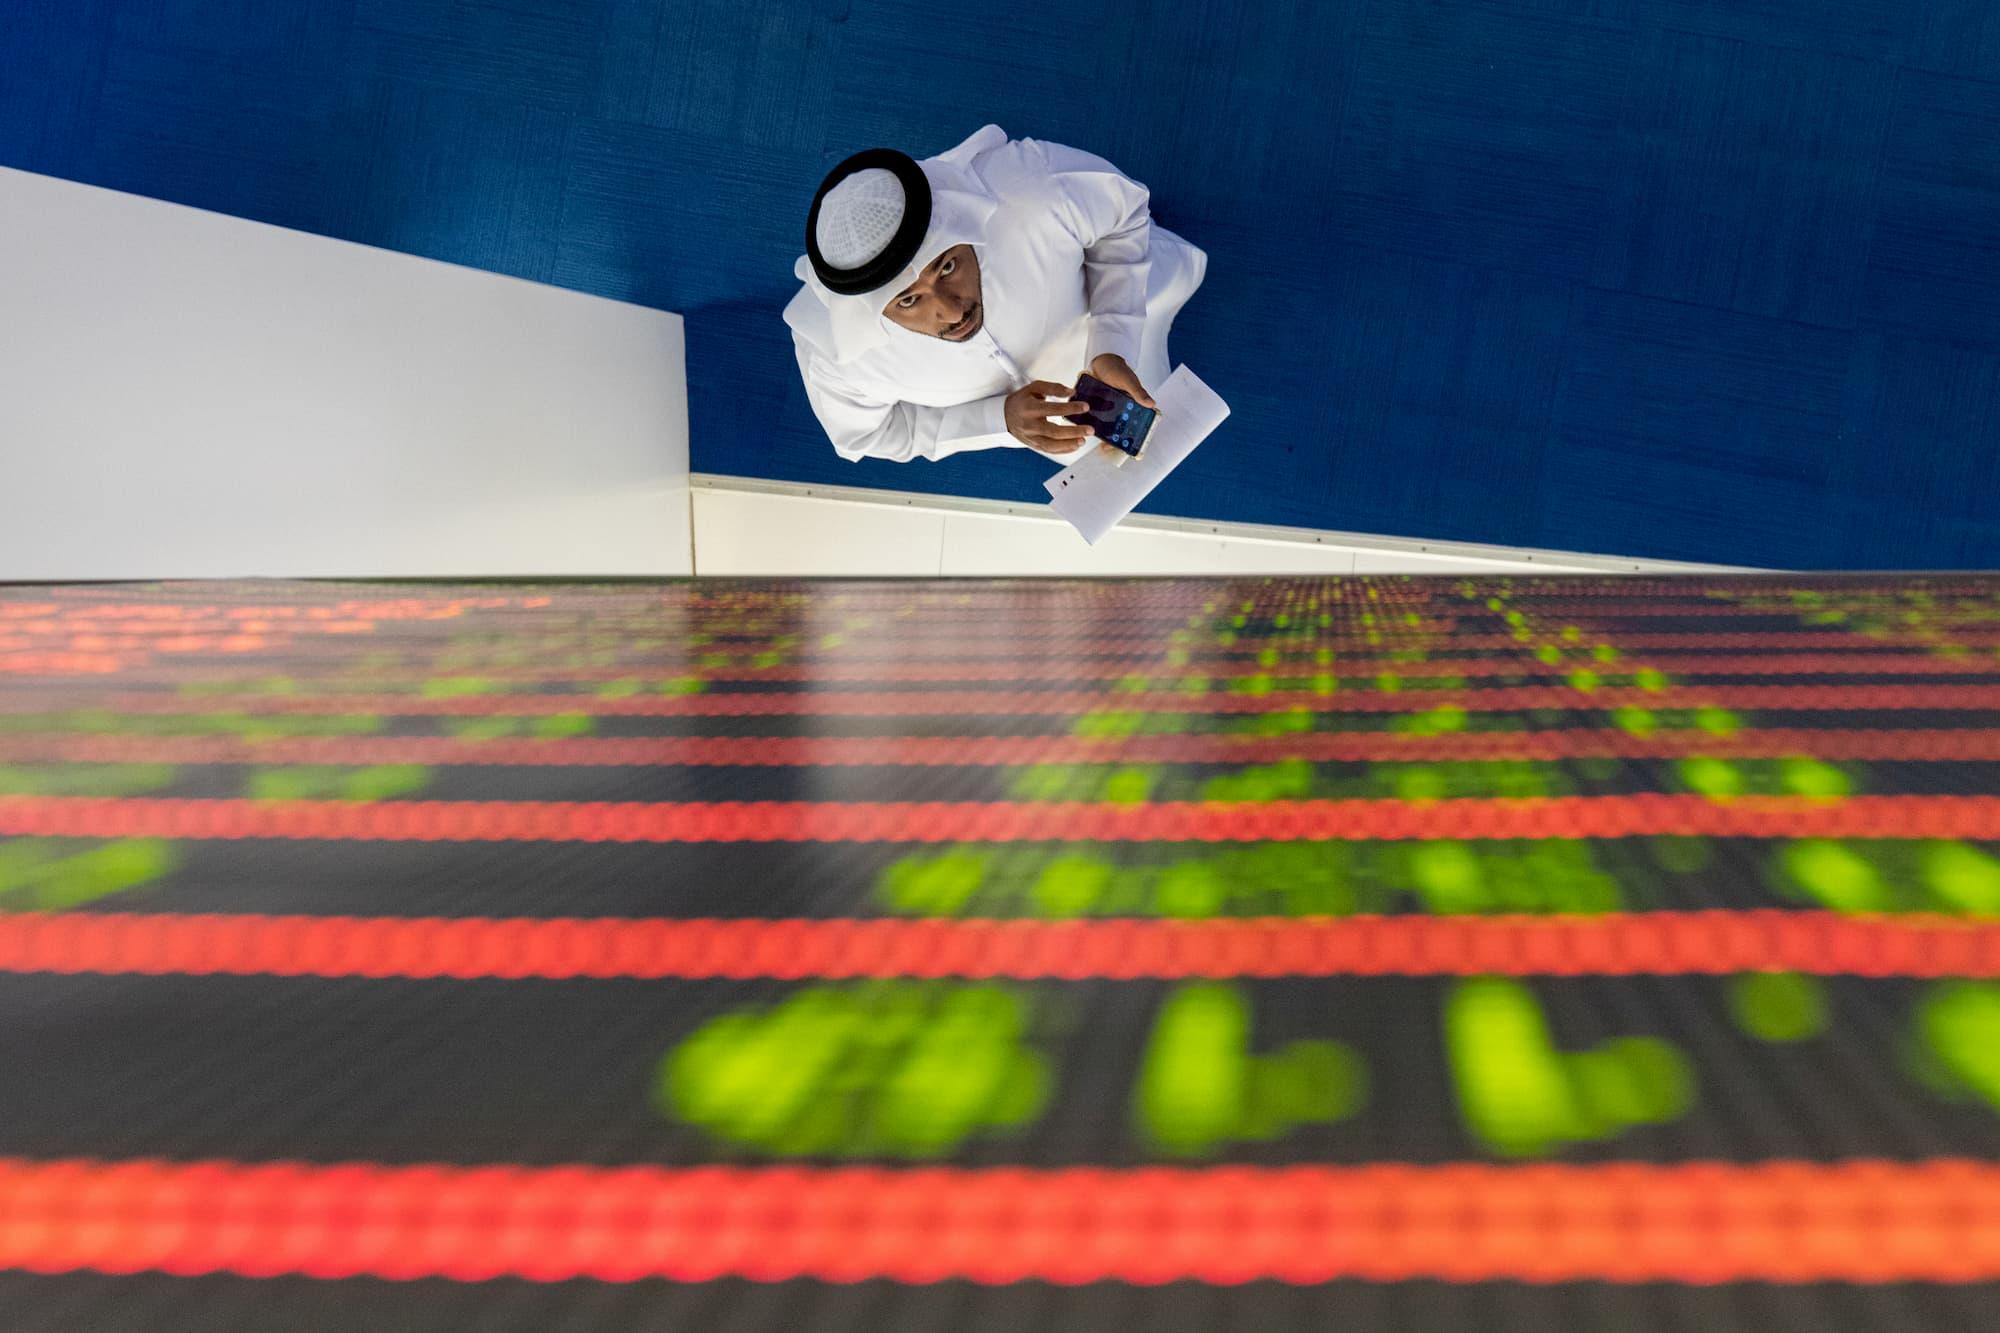 الأزمات المحتملة في اقتصاد الخليج